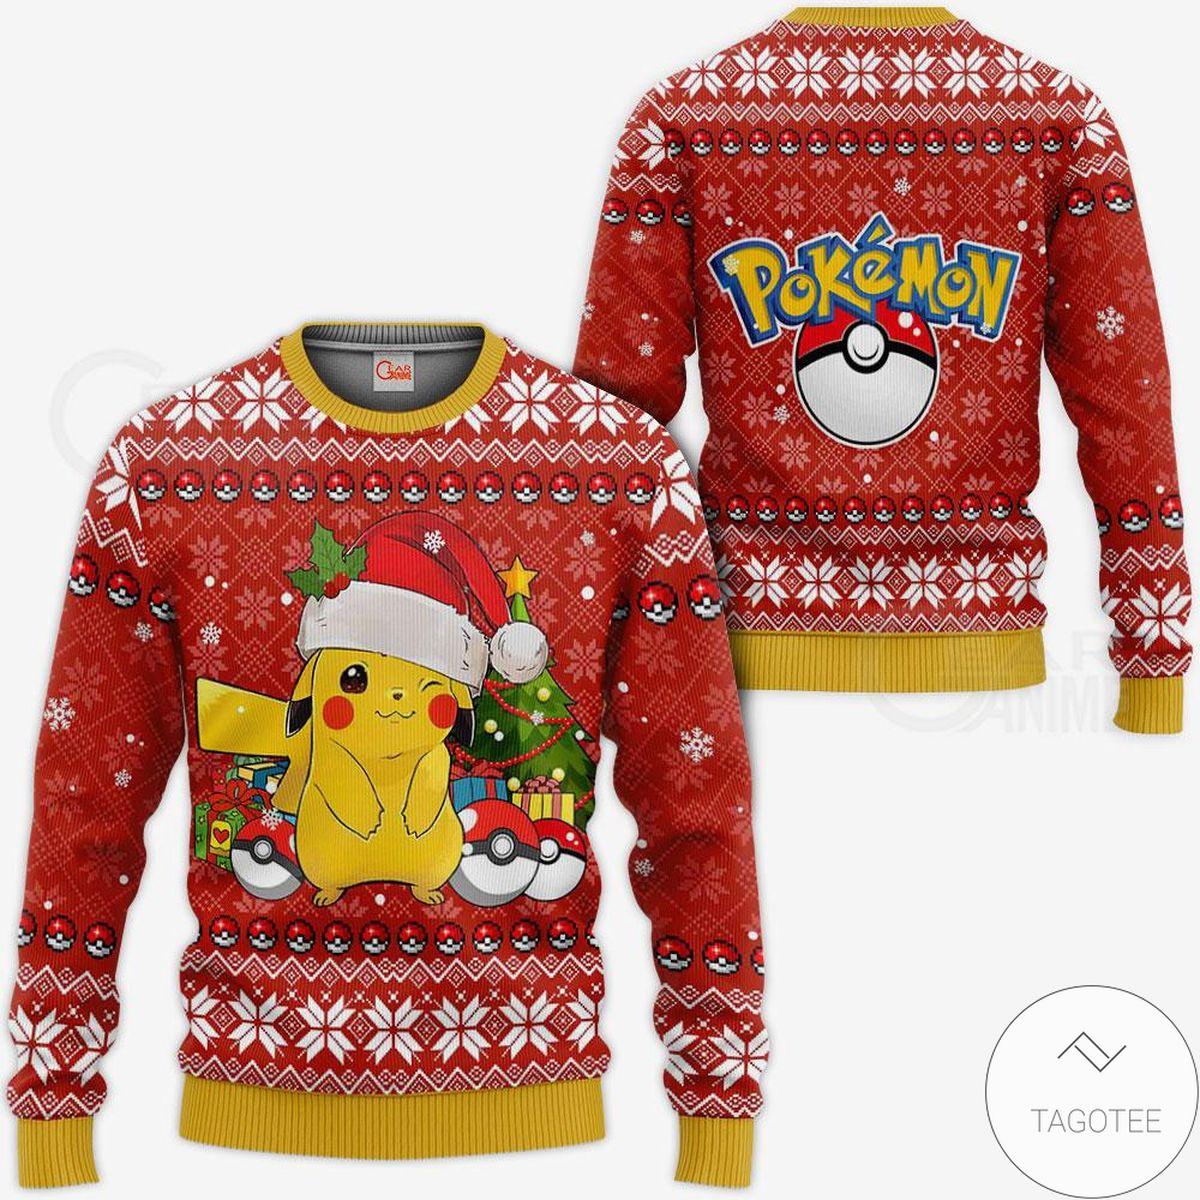 Pikachu Santa Anime Ugly Christmas Sweater